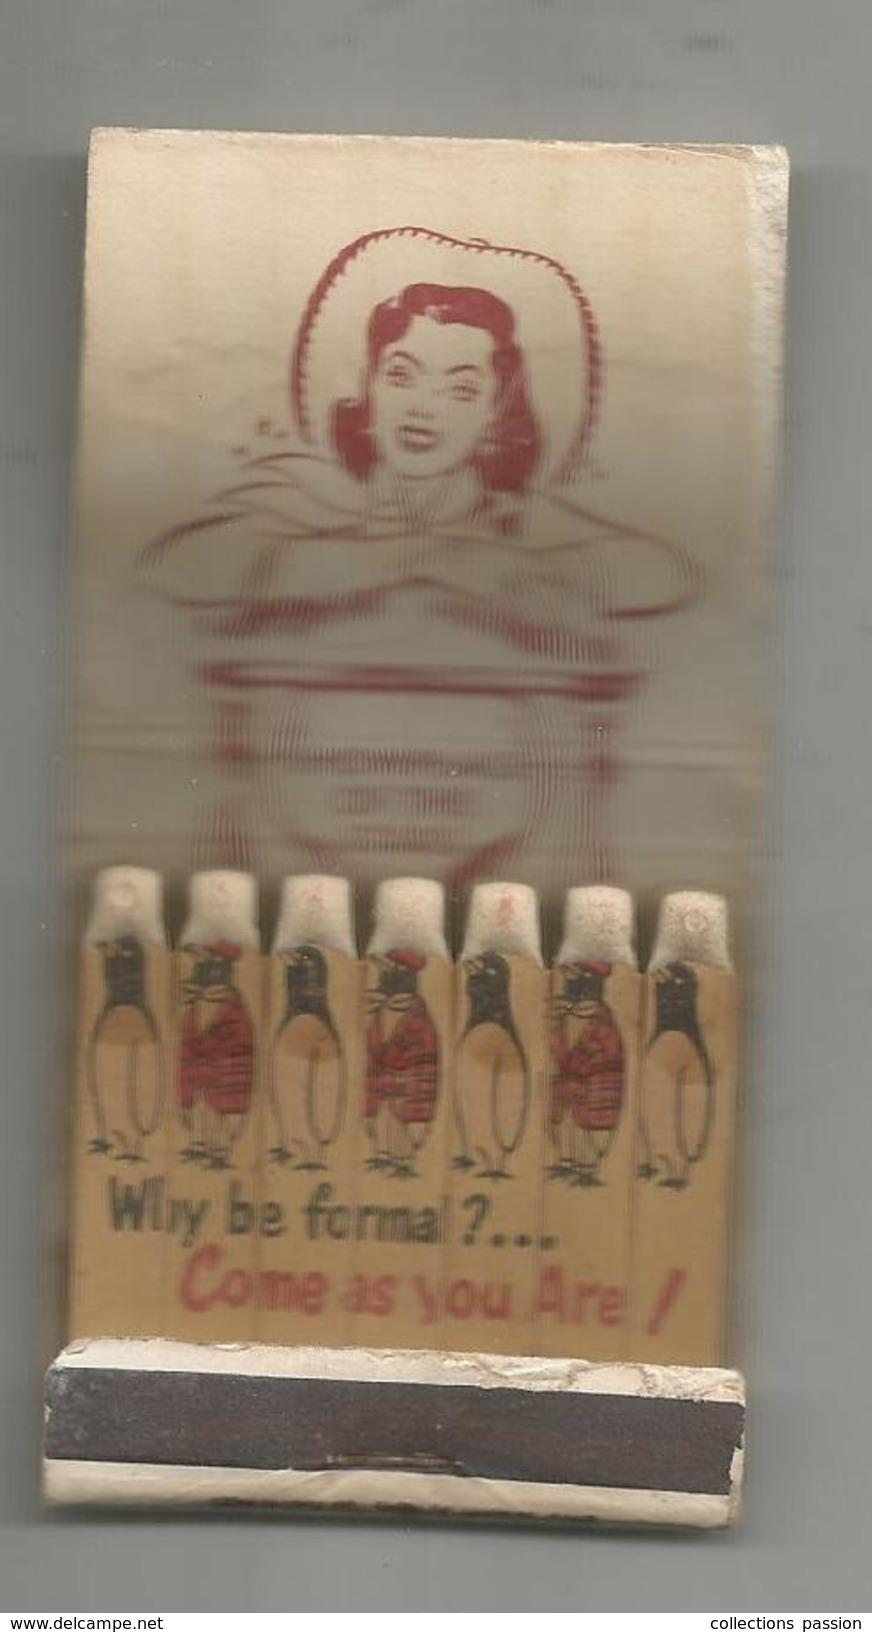 G-I-E , Tabac , Boite , Pochette D'ALLUMETTES, 3 Scans, Publicité, THE SANDS , LAS VEGAS , NEVADA - Matchbox Labels